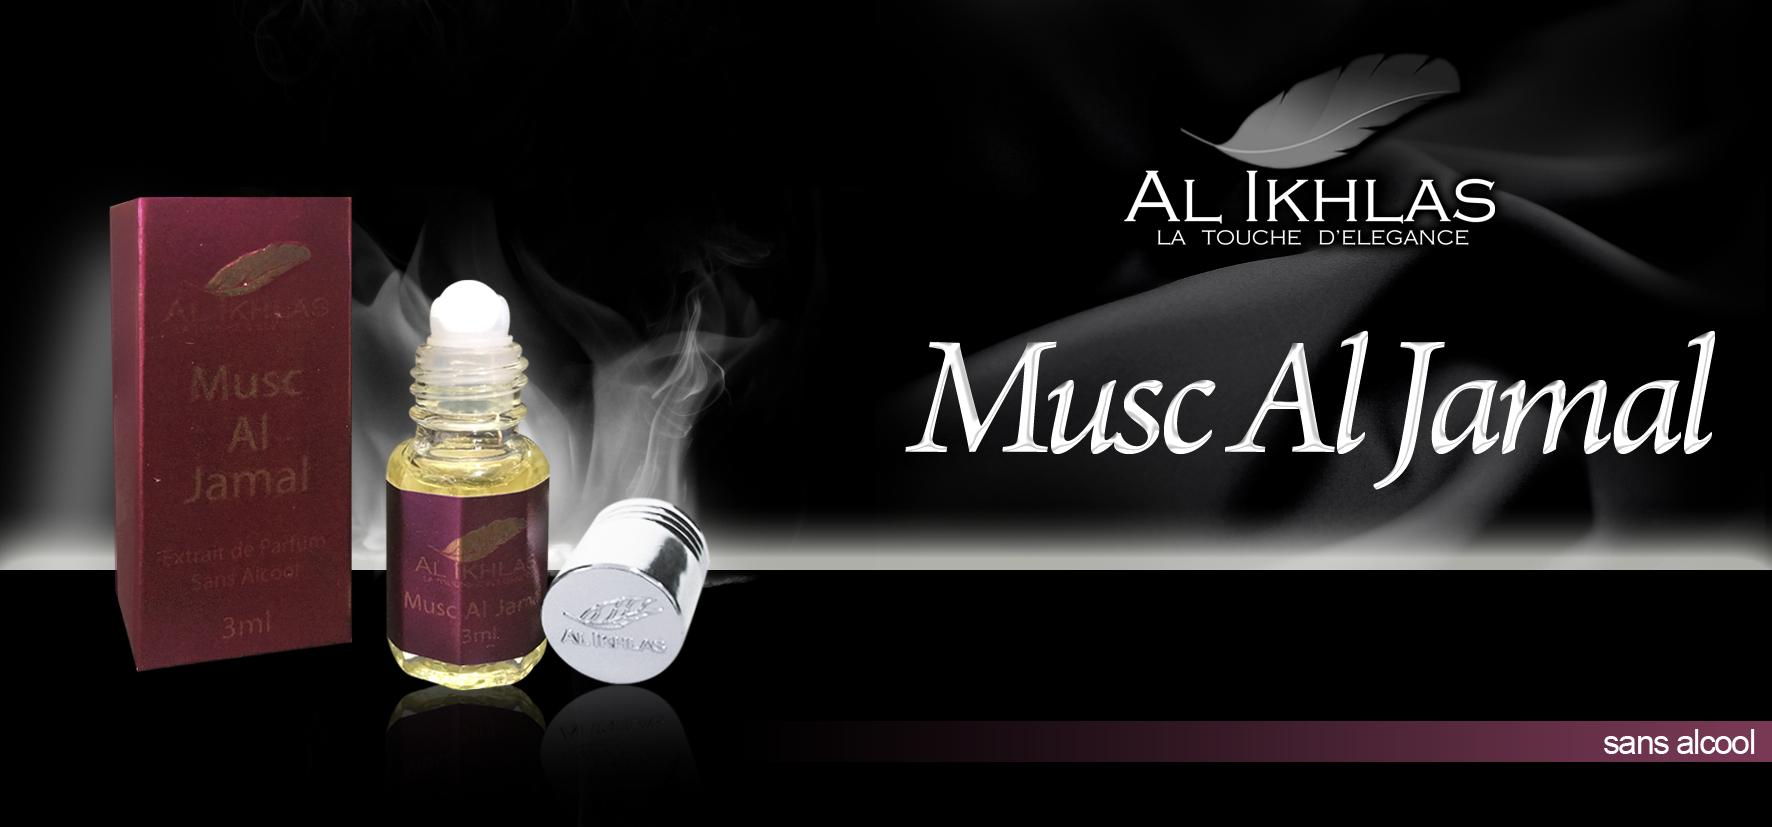 Al Ikhlas musc Al Jamal